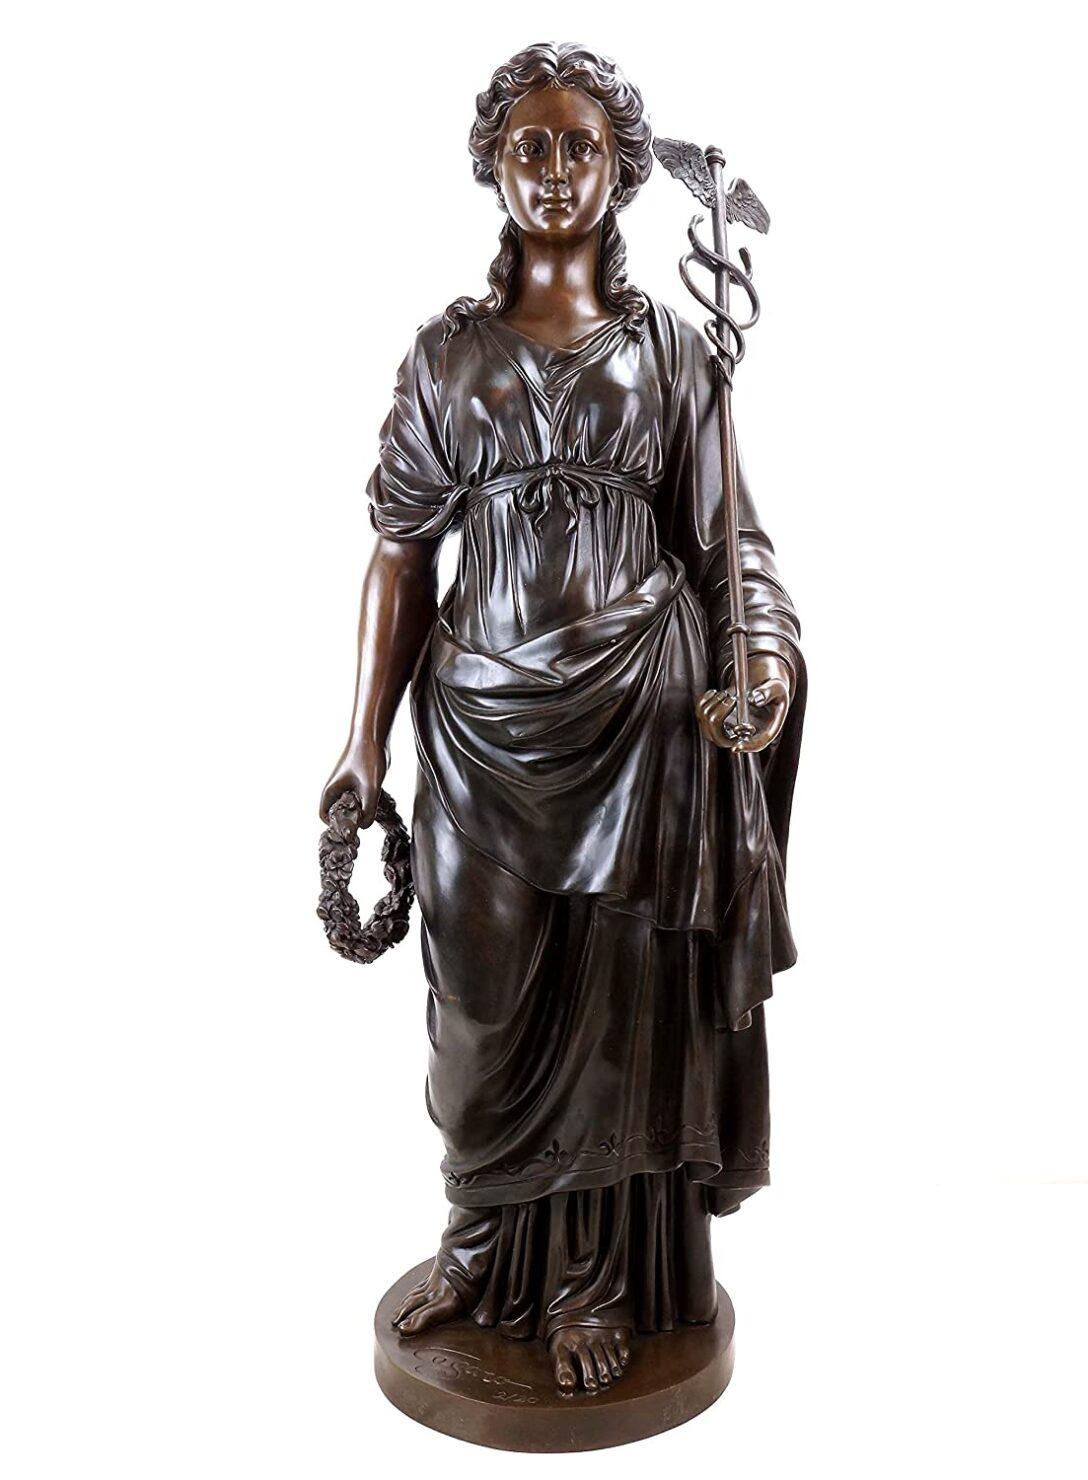 Large Size of Griechische Statue Hygieia Gttin Der Gesundheit Bett Kaufen Hamburg Küche Mit Elektrogeräten Sofa Online Betten Günstig 180x200 Garten Pool Guenstig Velux Wohnzimmer Gartenskulpturen Kaufen